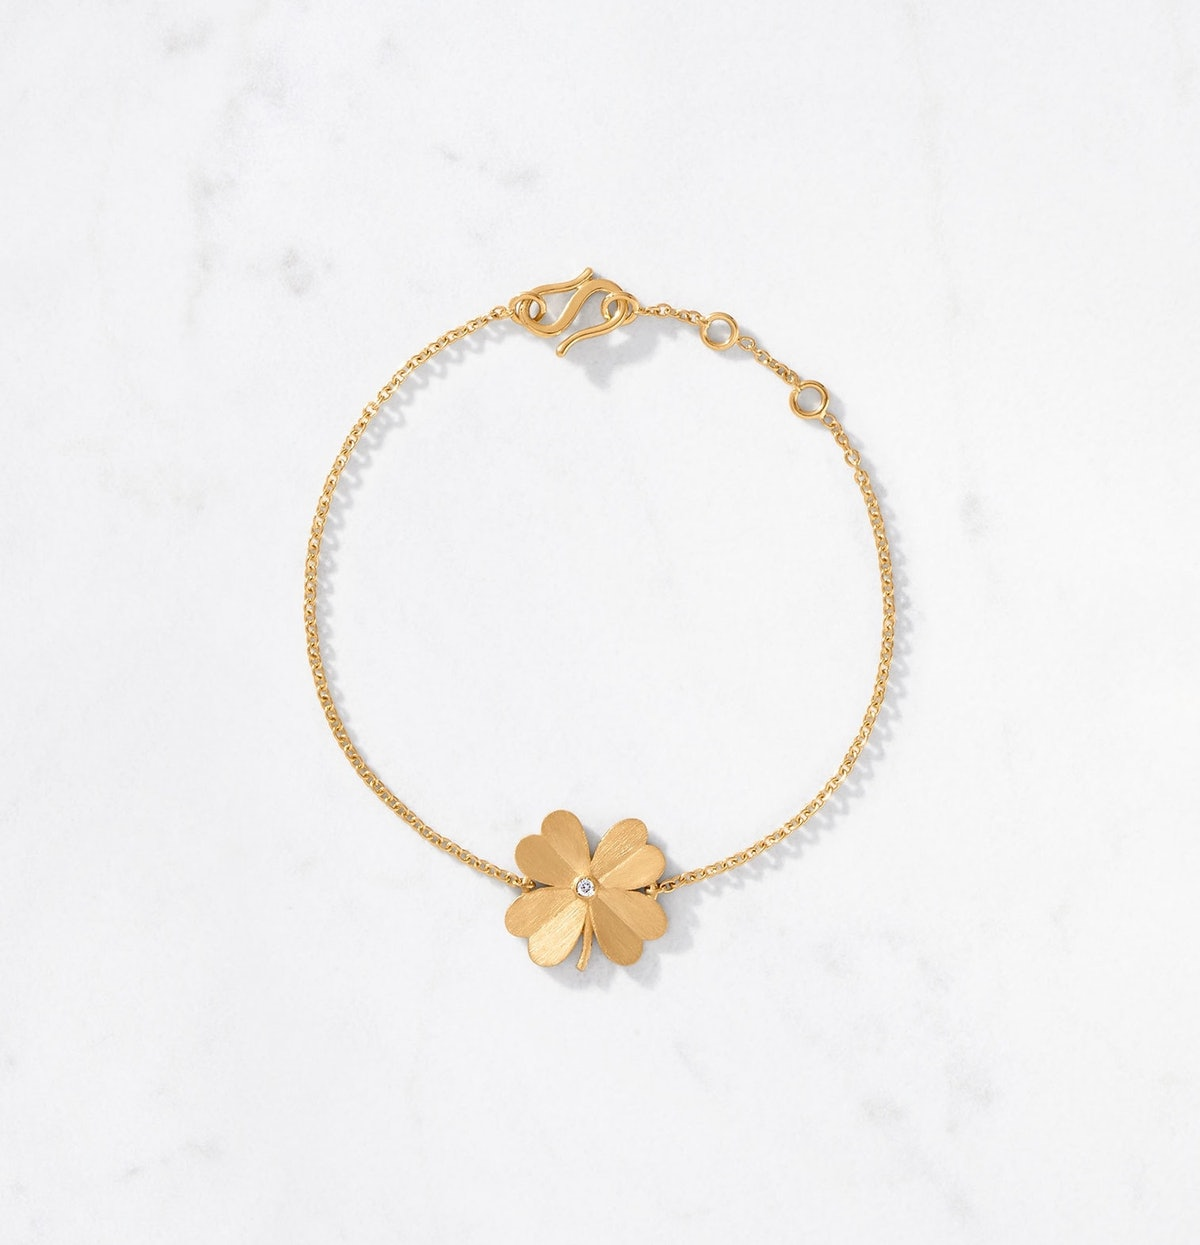 4-Leaf Clover Bracelet Satin